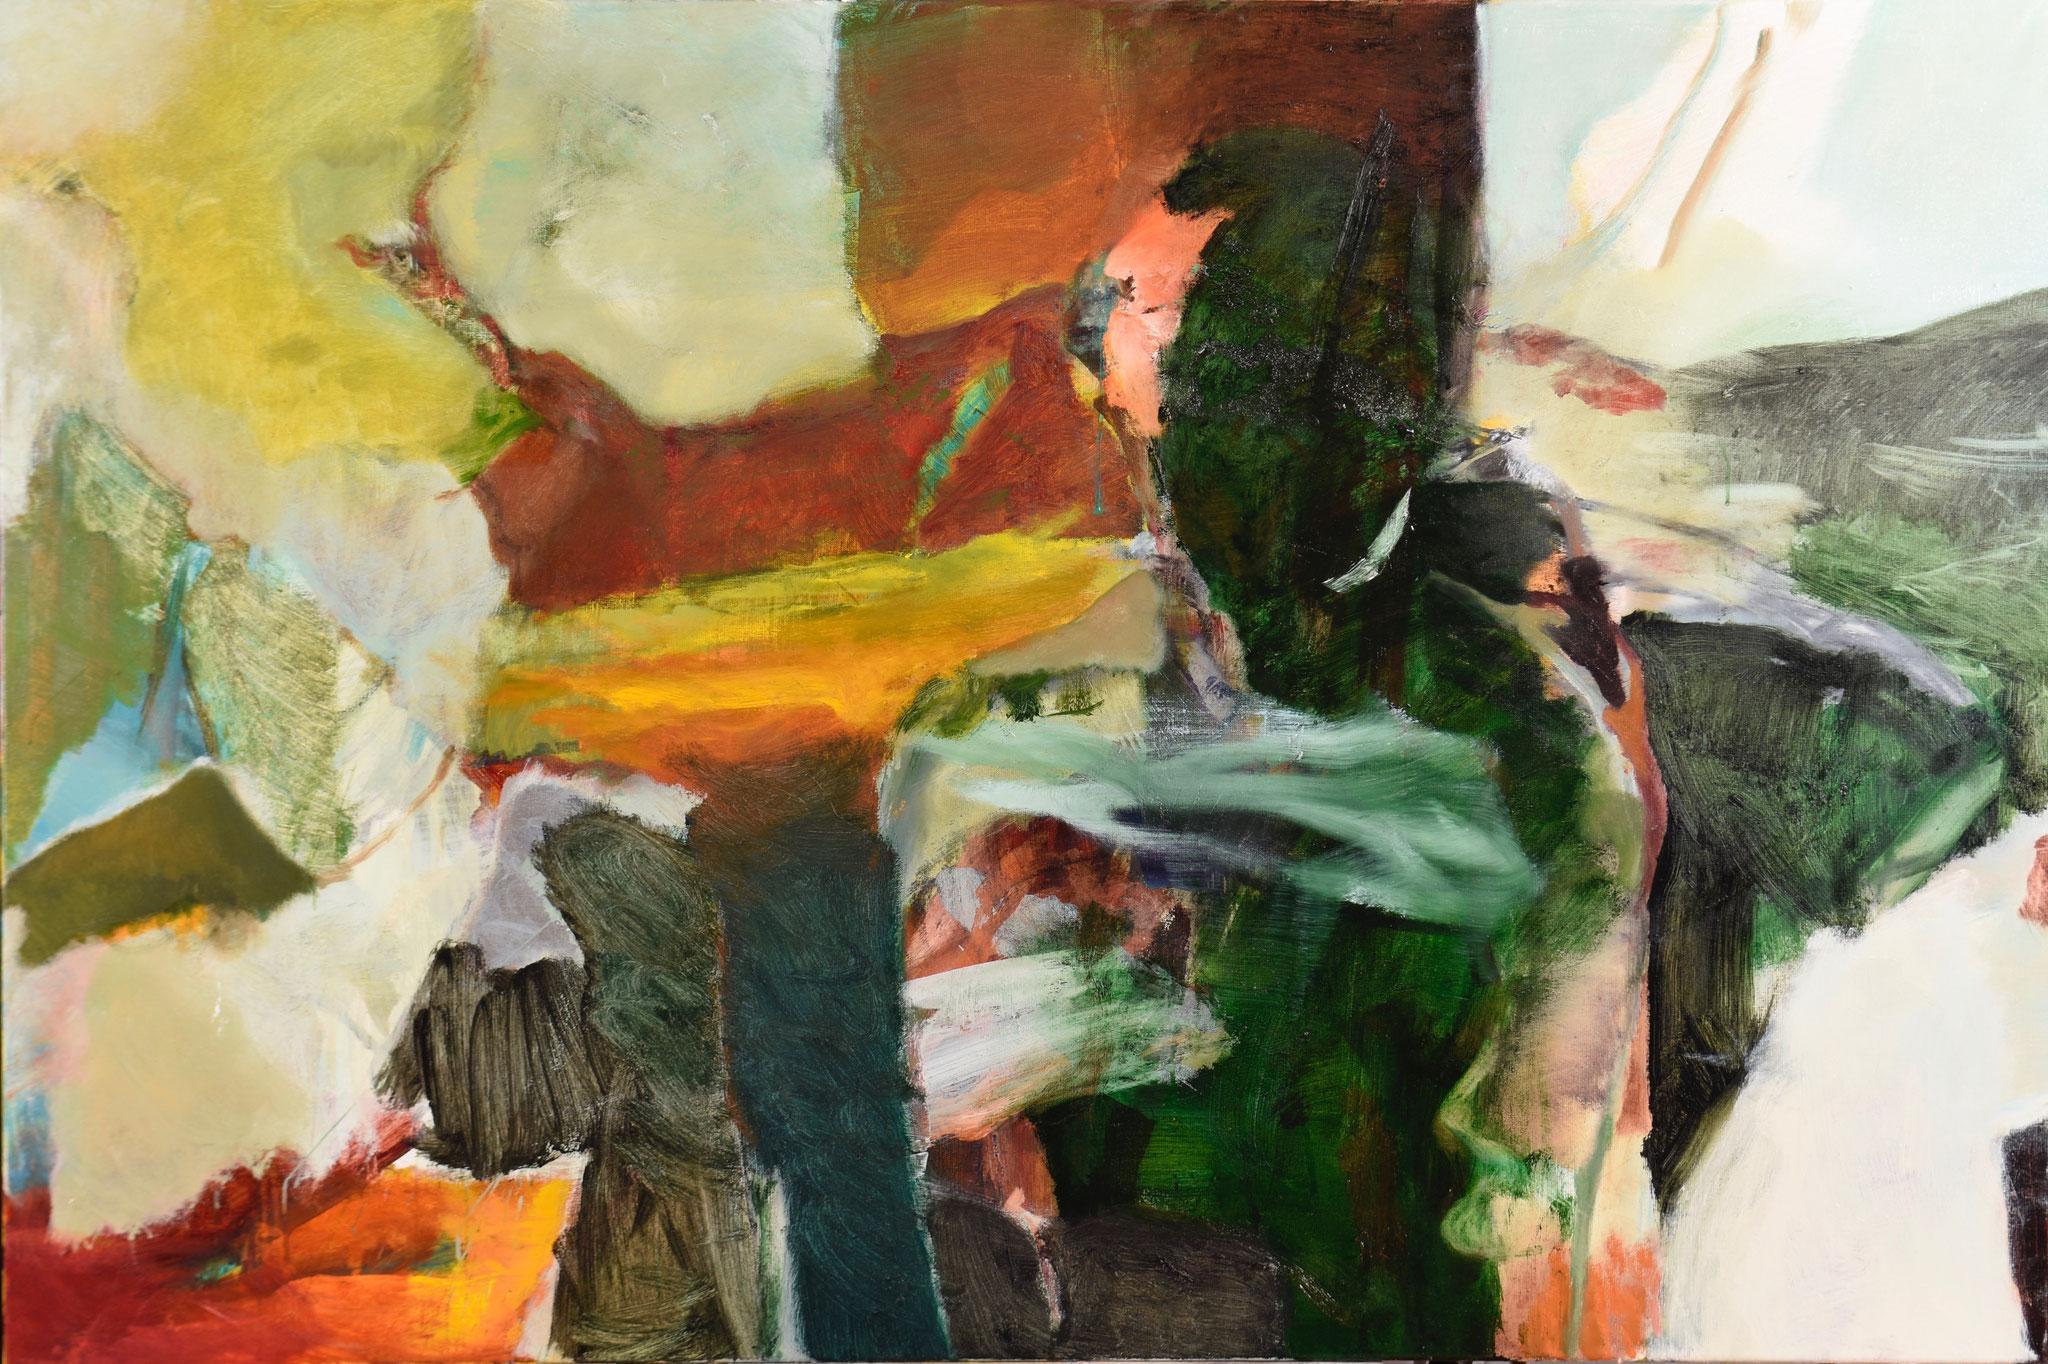 49  |  Ohne Titel  |  2018  |  Öl auf Leinwand  |  100 x 150 cm